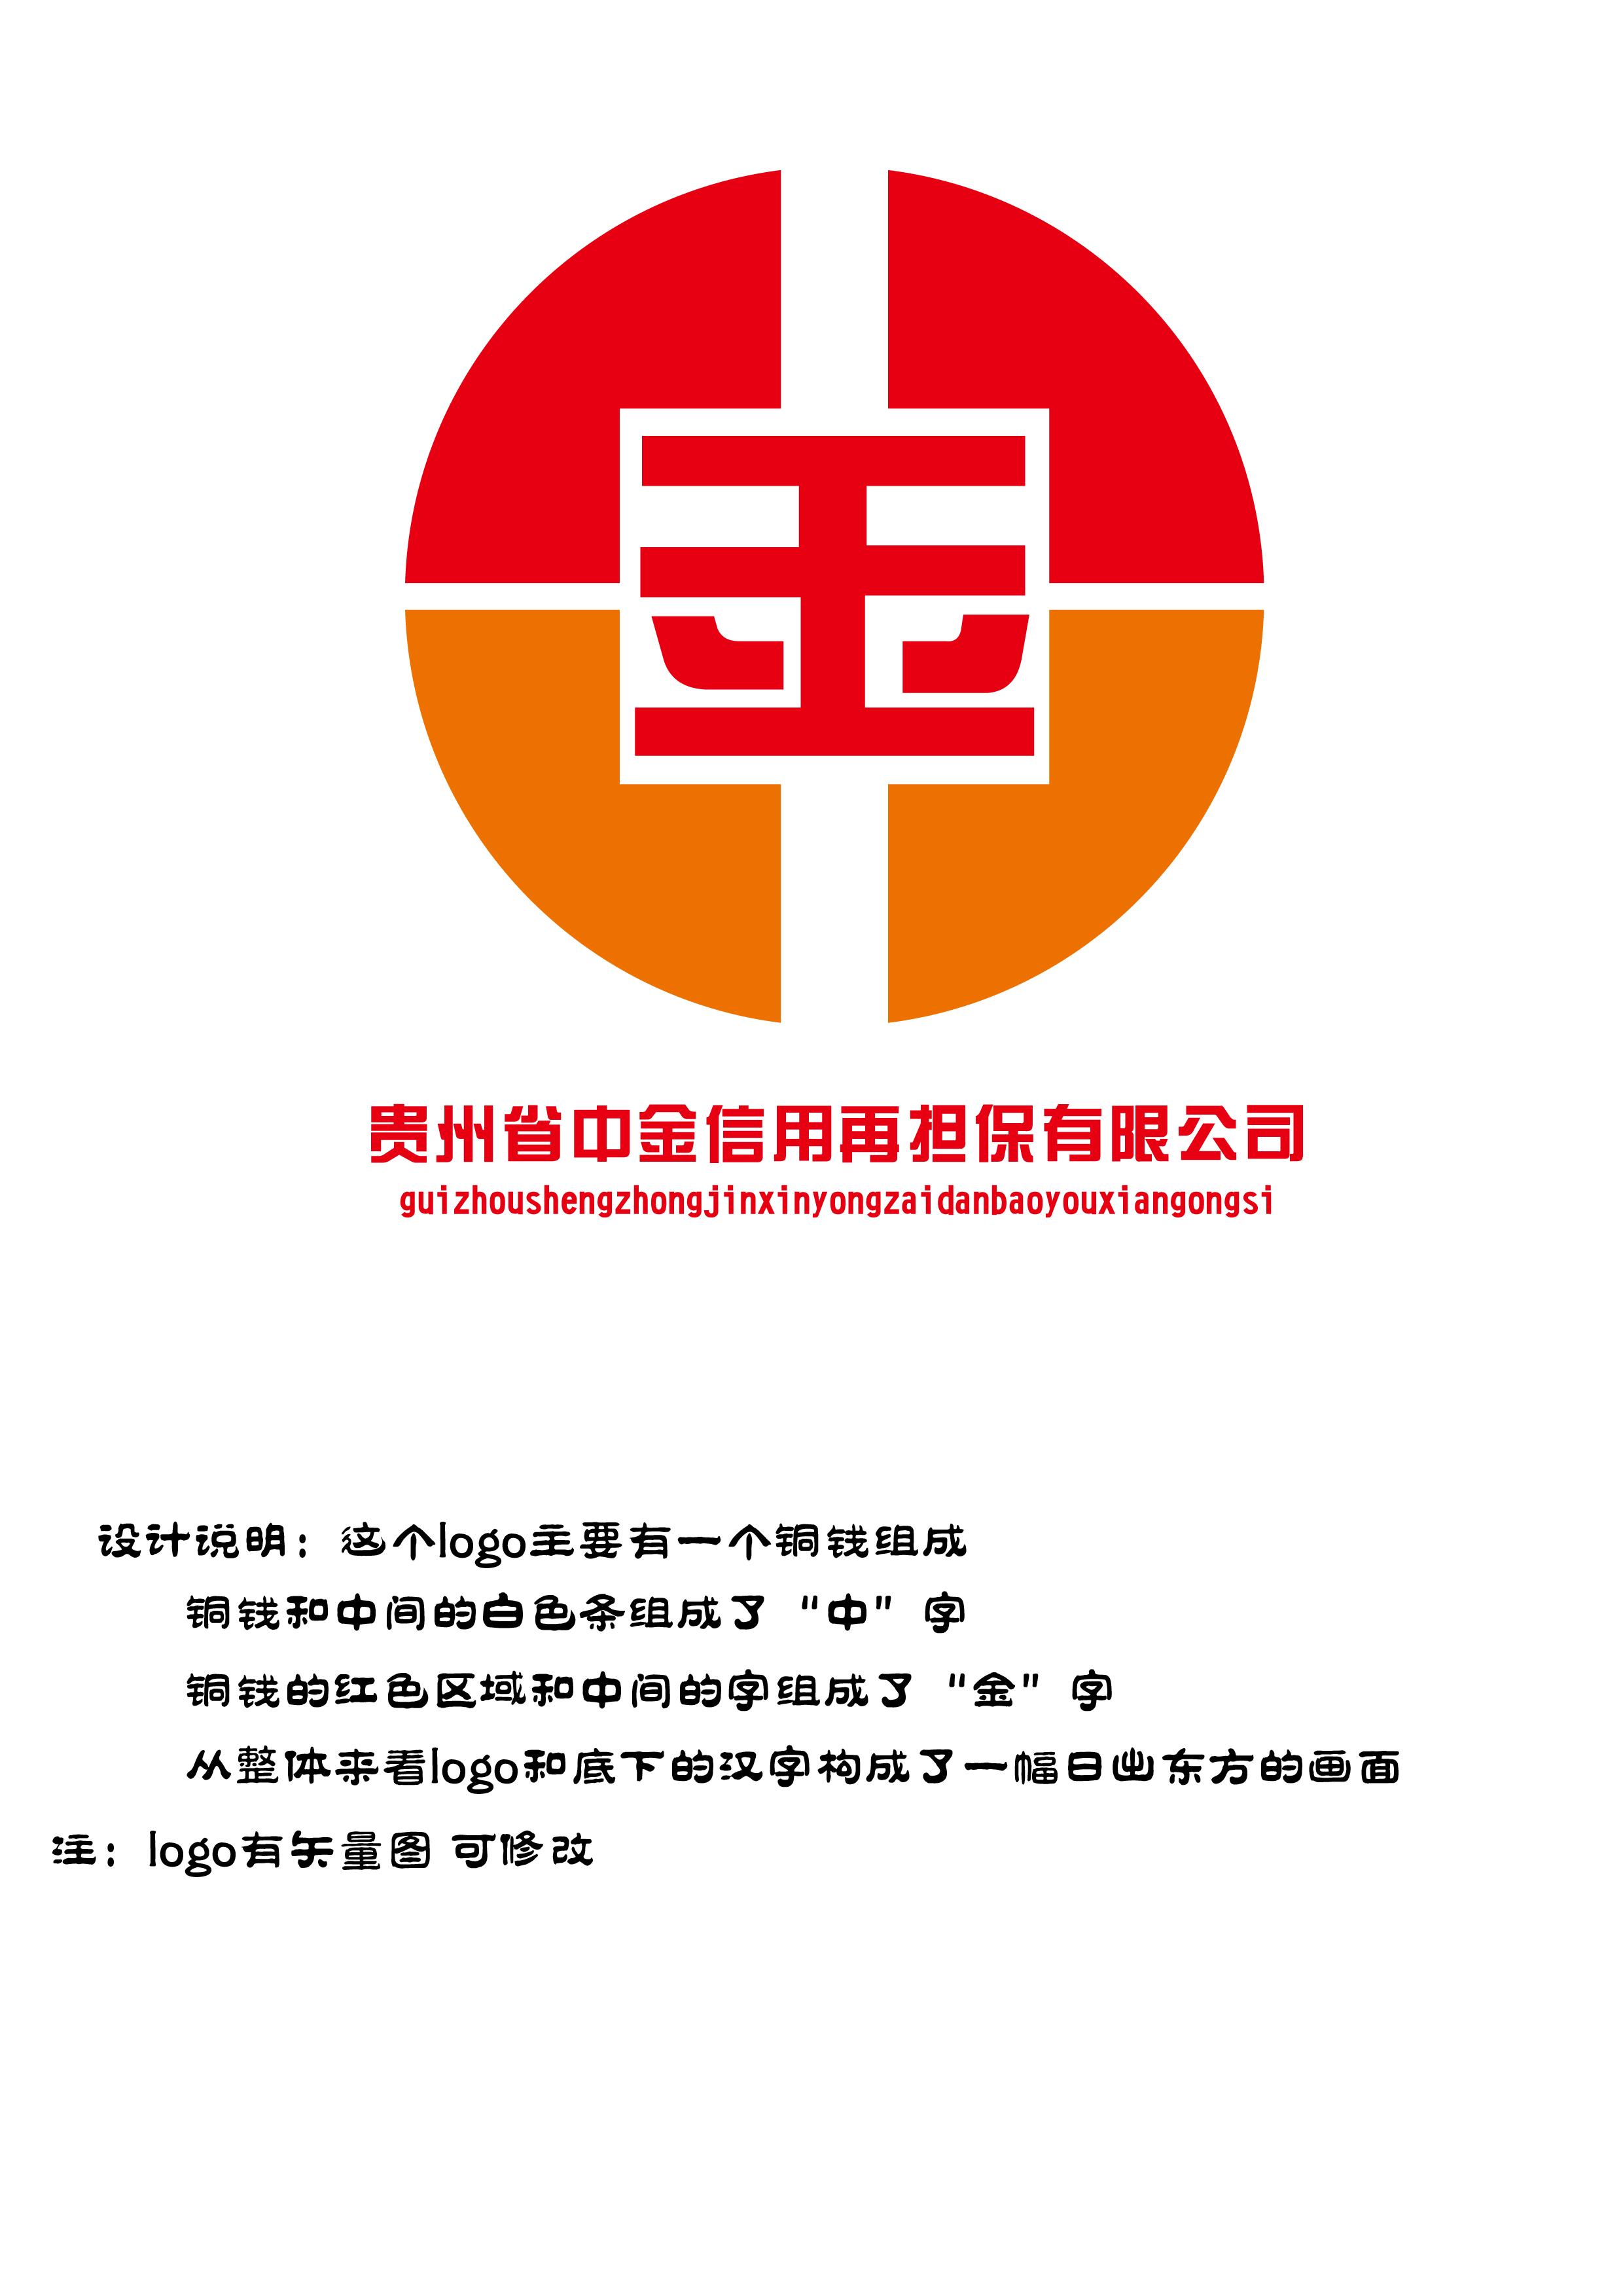 金融公司logo